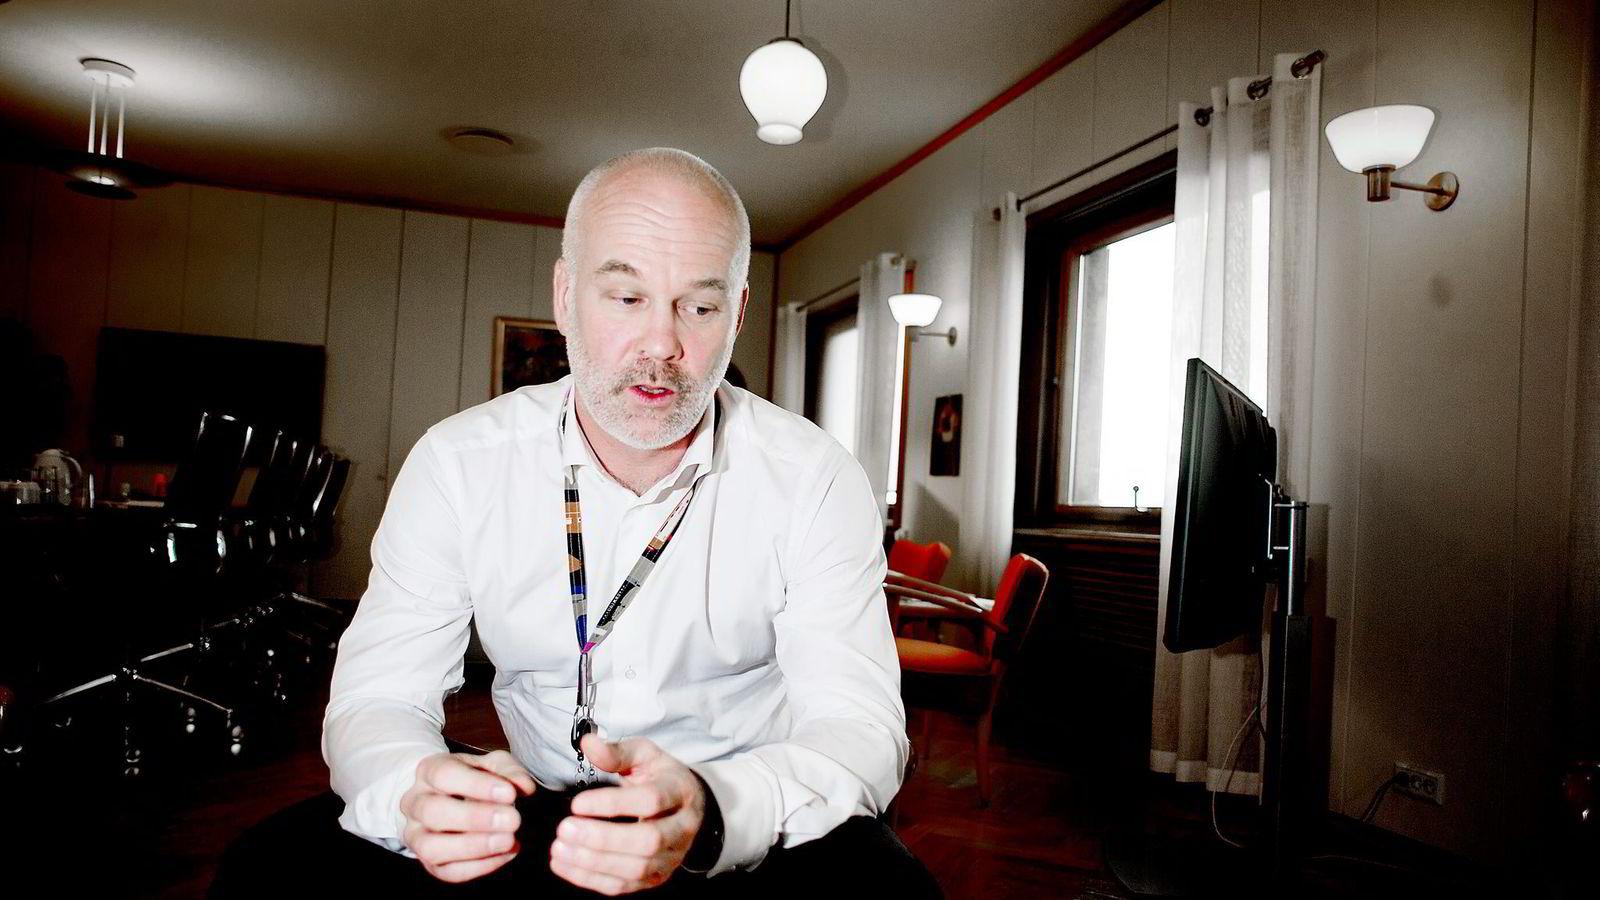 Kringkastingssjef Thor Gjermund Eriksen vil heve lisensen med 70 kroner.